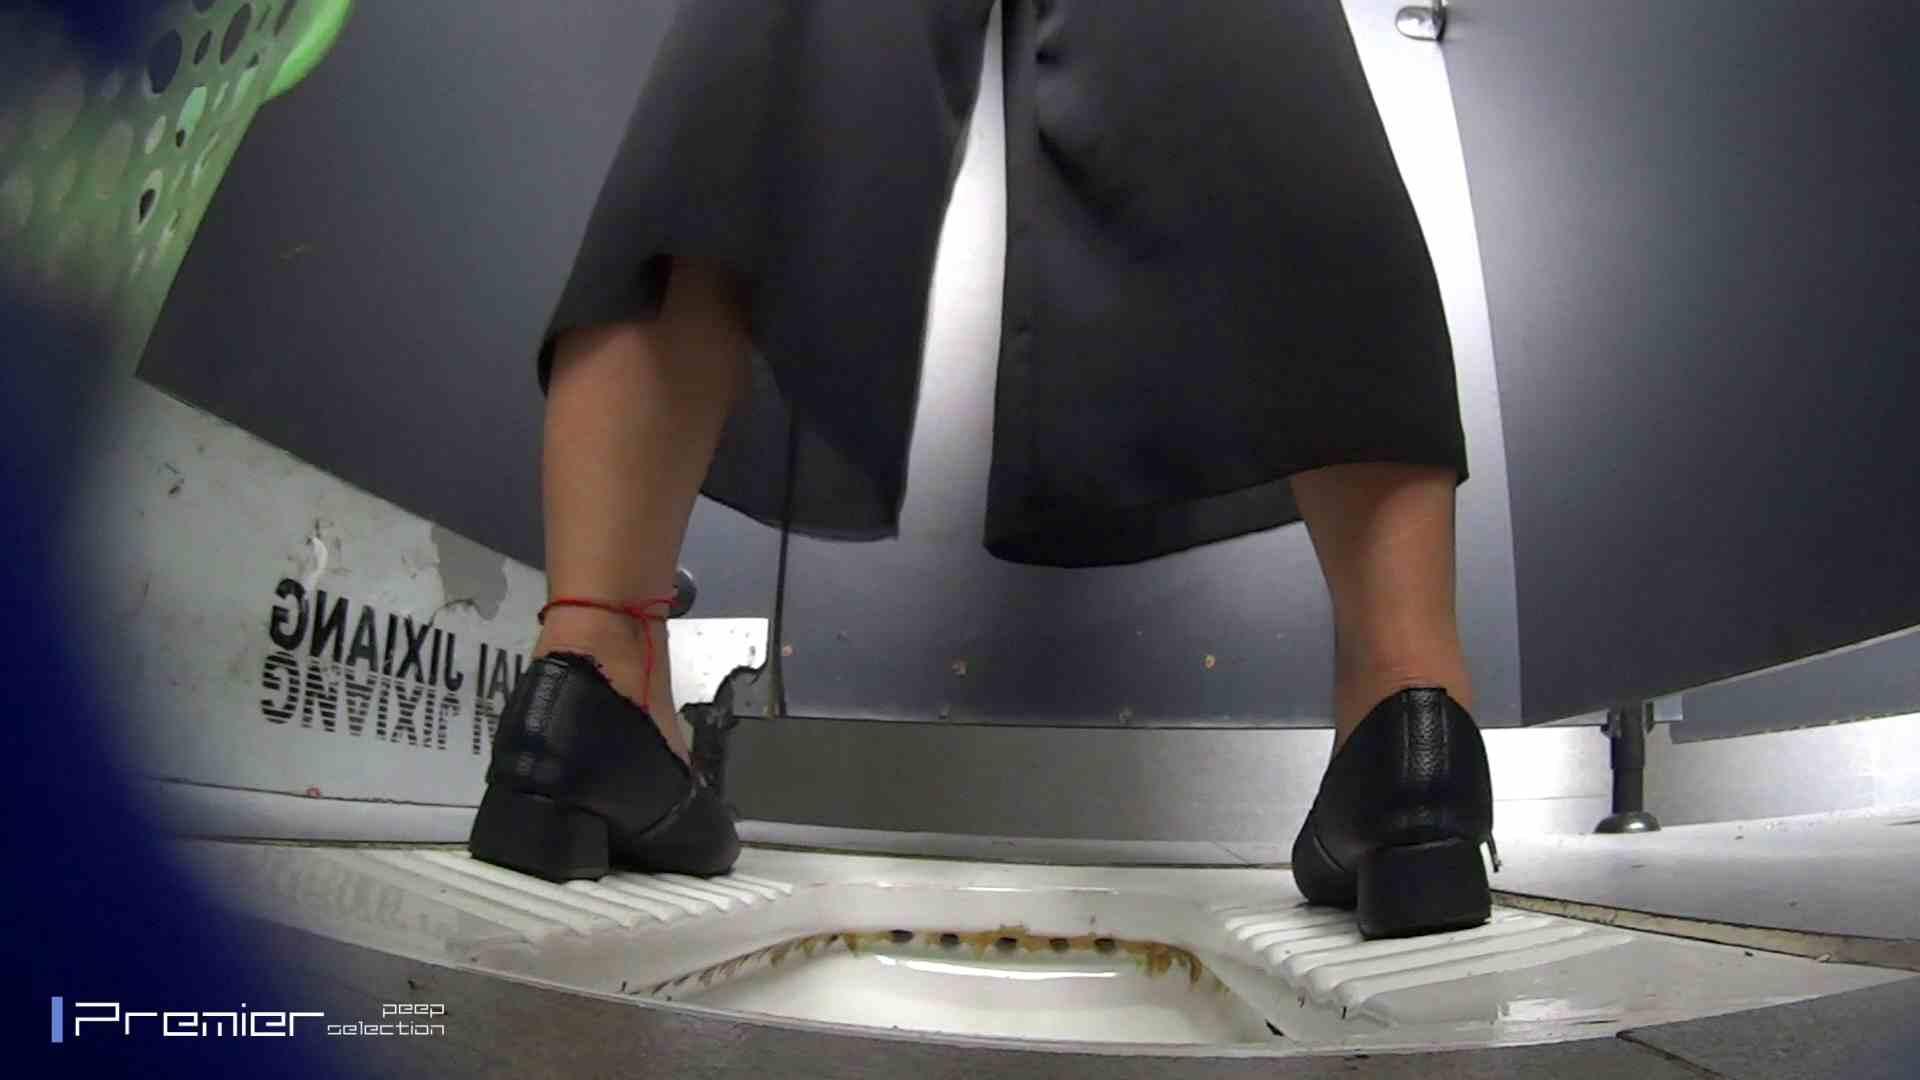 夏全開!ハーフパンツのギャル達 大学休憩時間の洗面所事情44 パンツの中は。。 | ギャル盗撮映像  70PIX 7